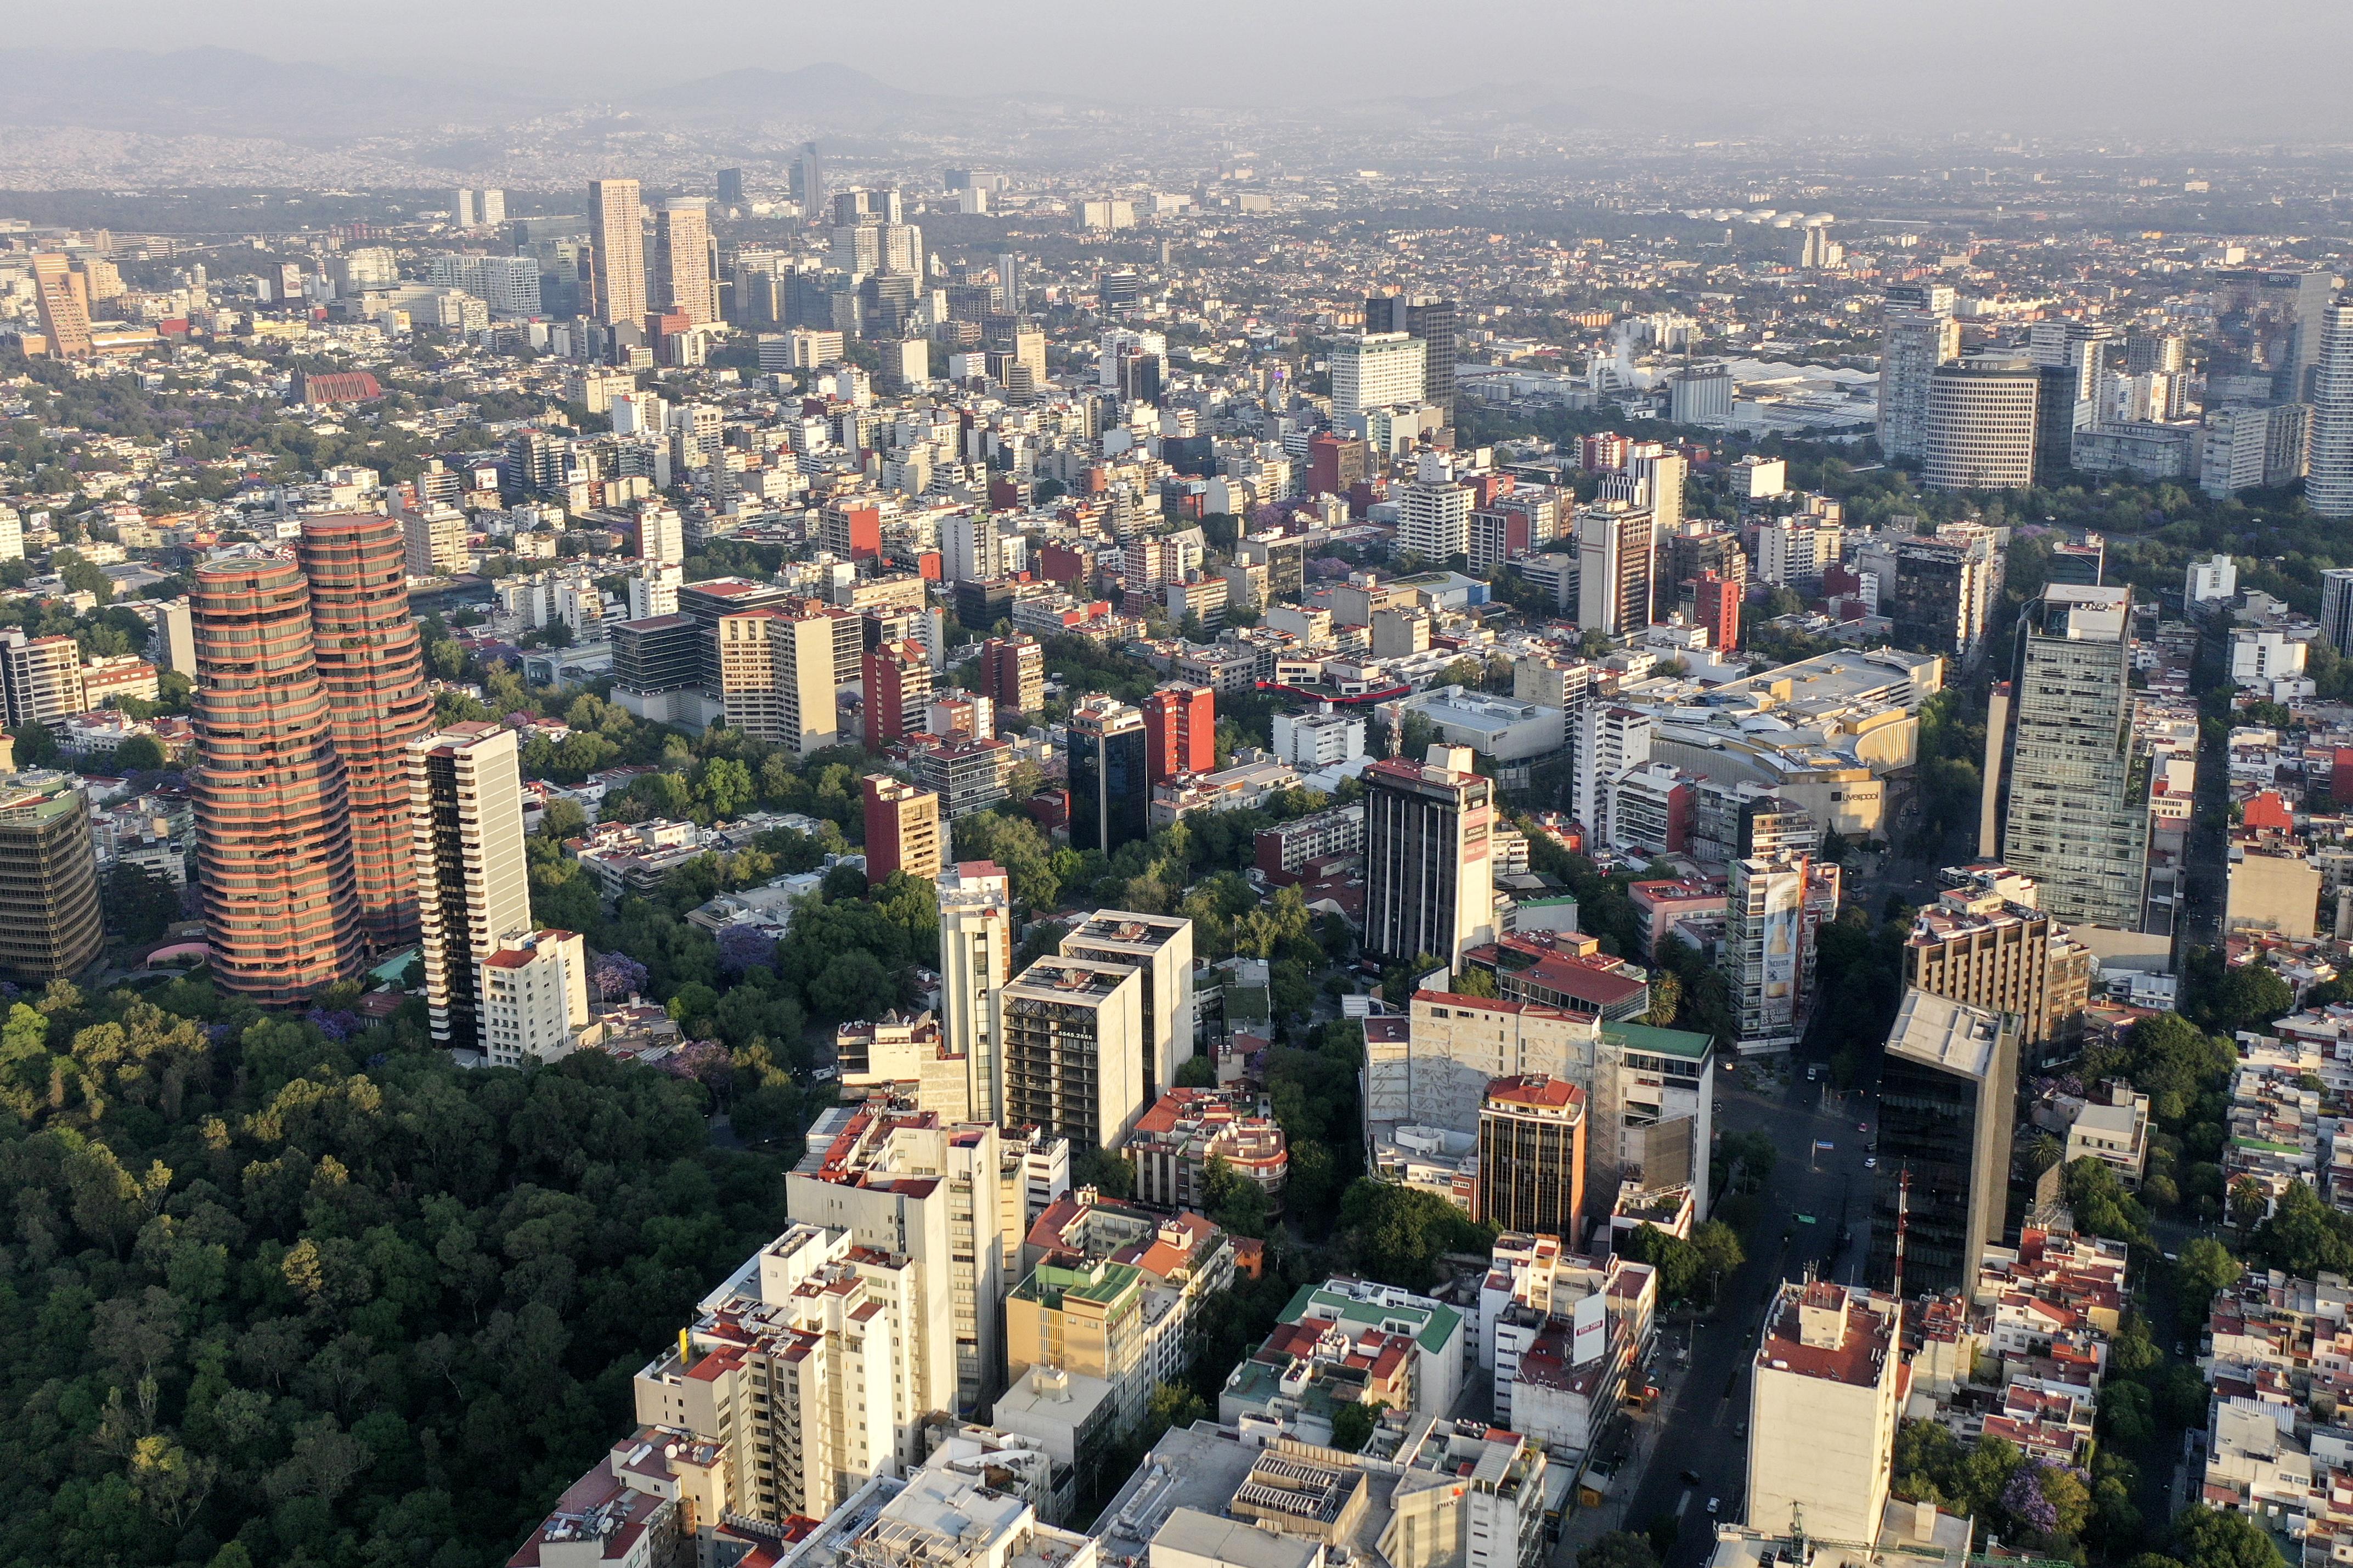 Vista aérea de Polanco en la Ciudad de México el 31 de marzo de 2020, durante el brote del nuevo coronavirus COVID-19.